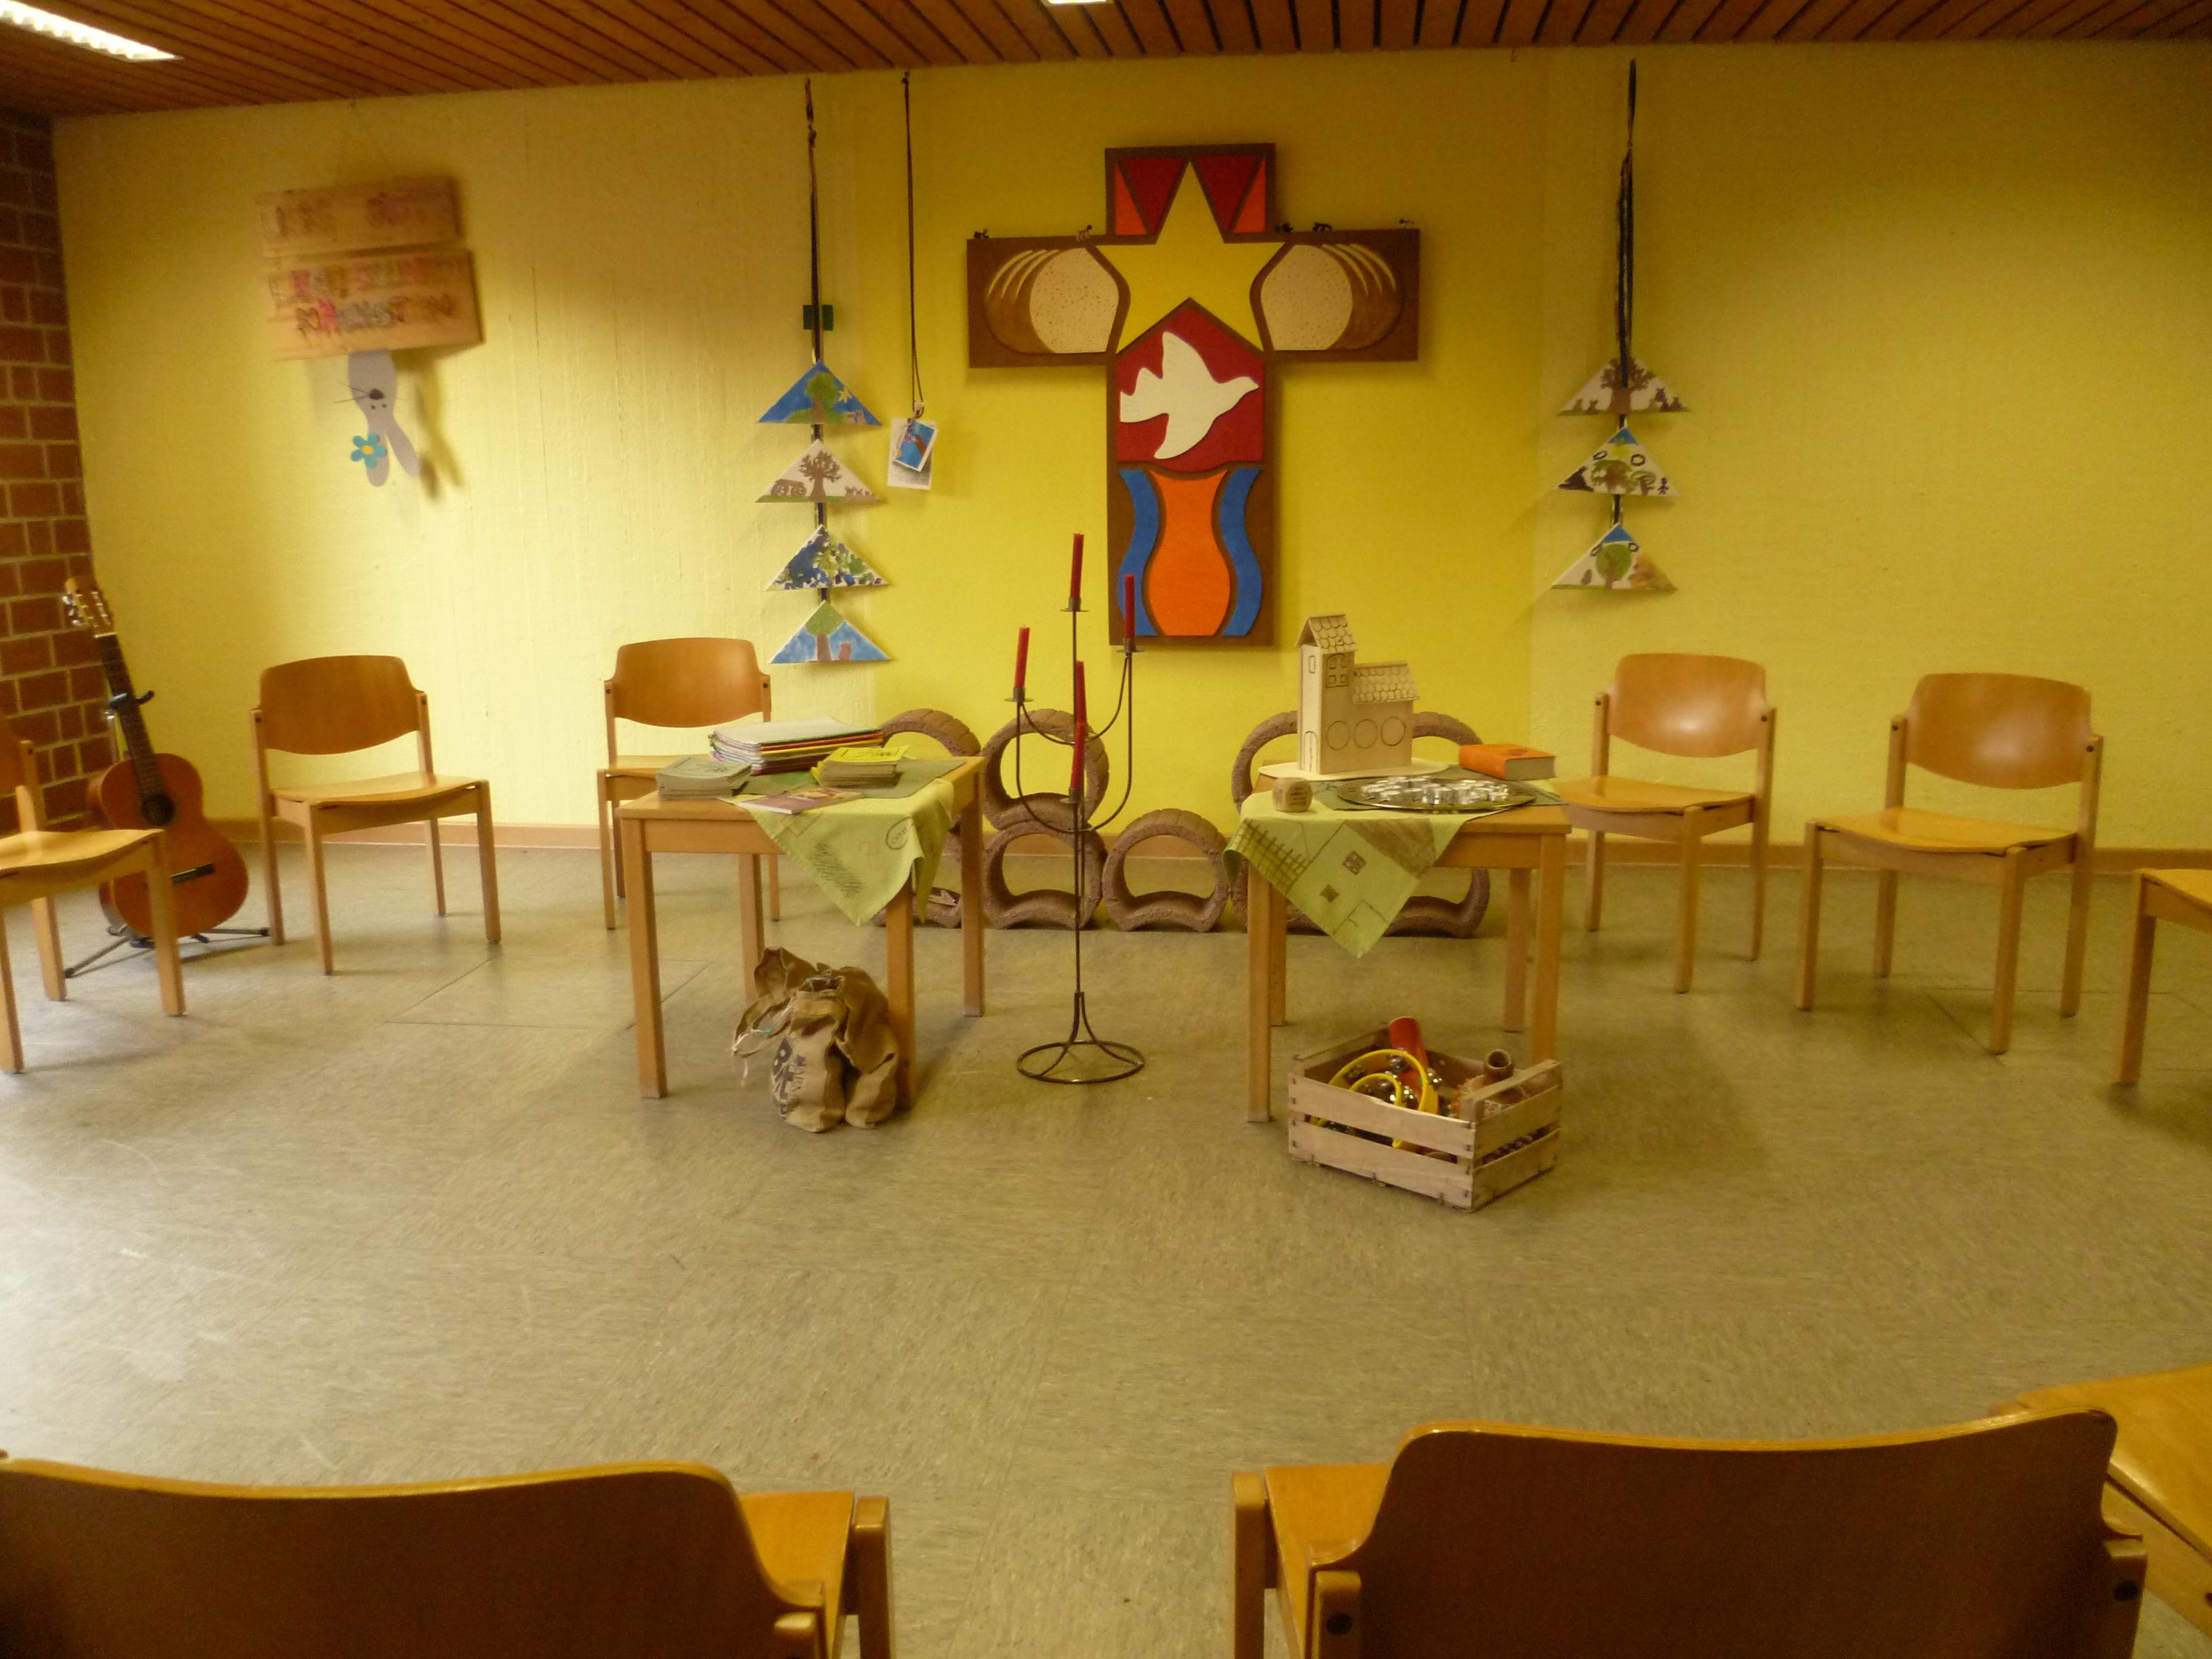 Krabbelgruppe Recklinghausen